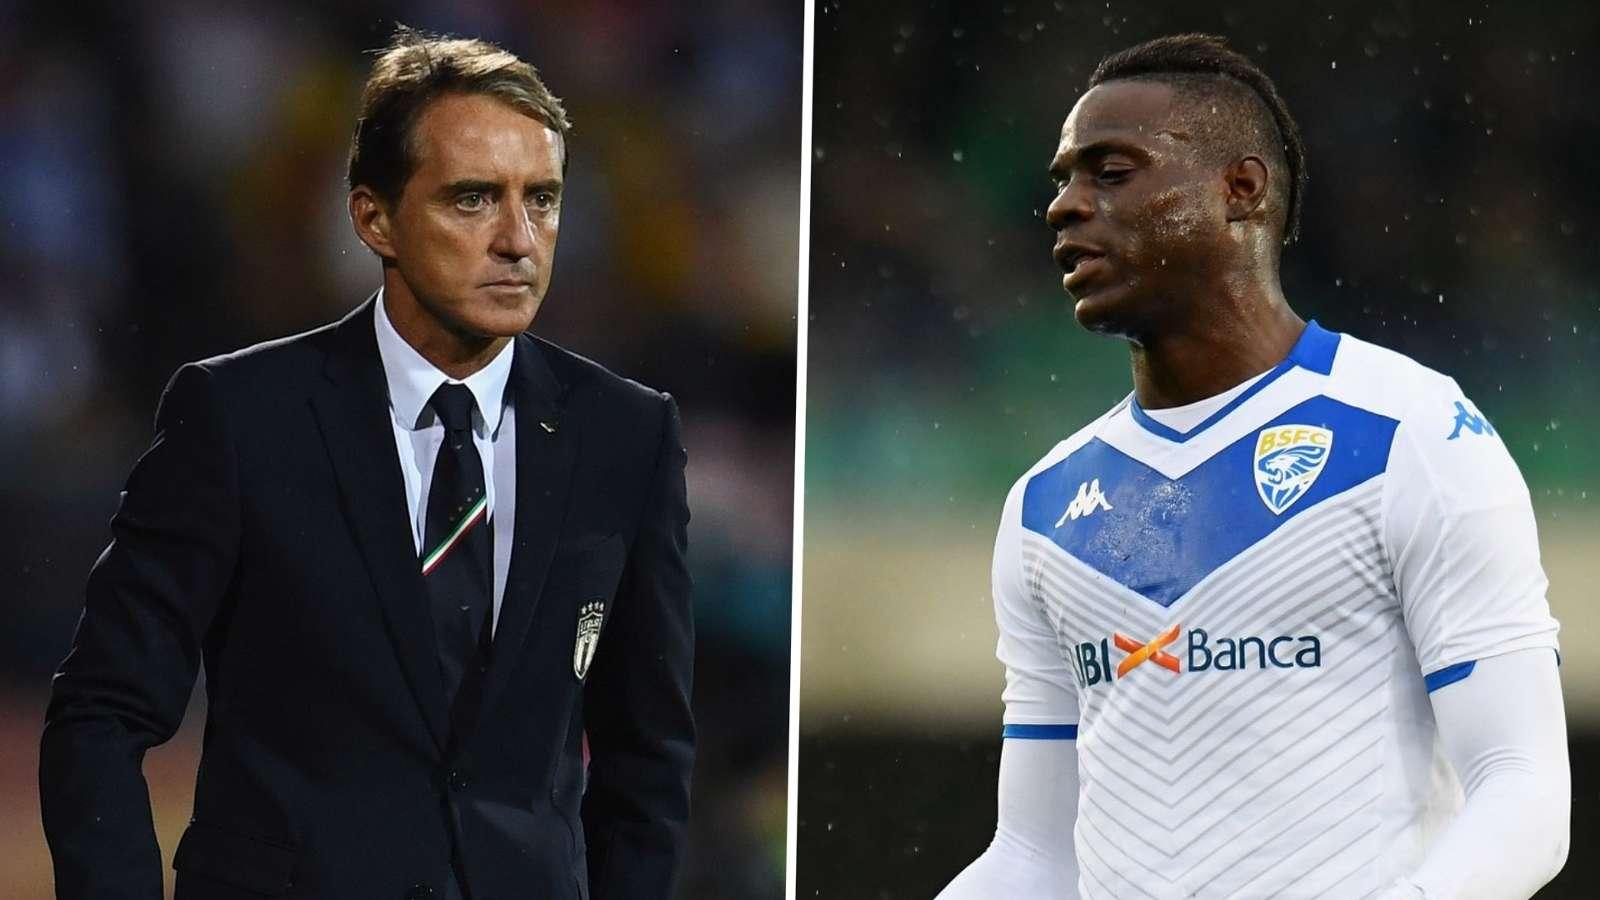 Mancini/Balotelli